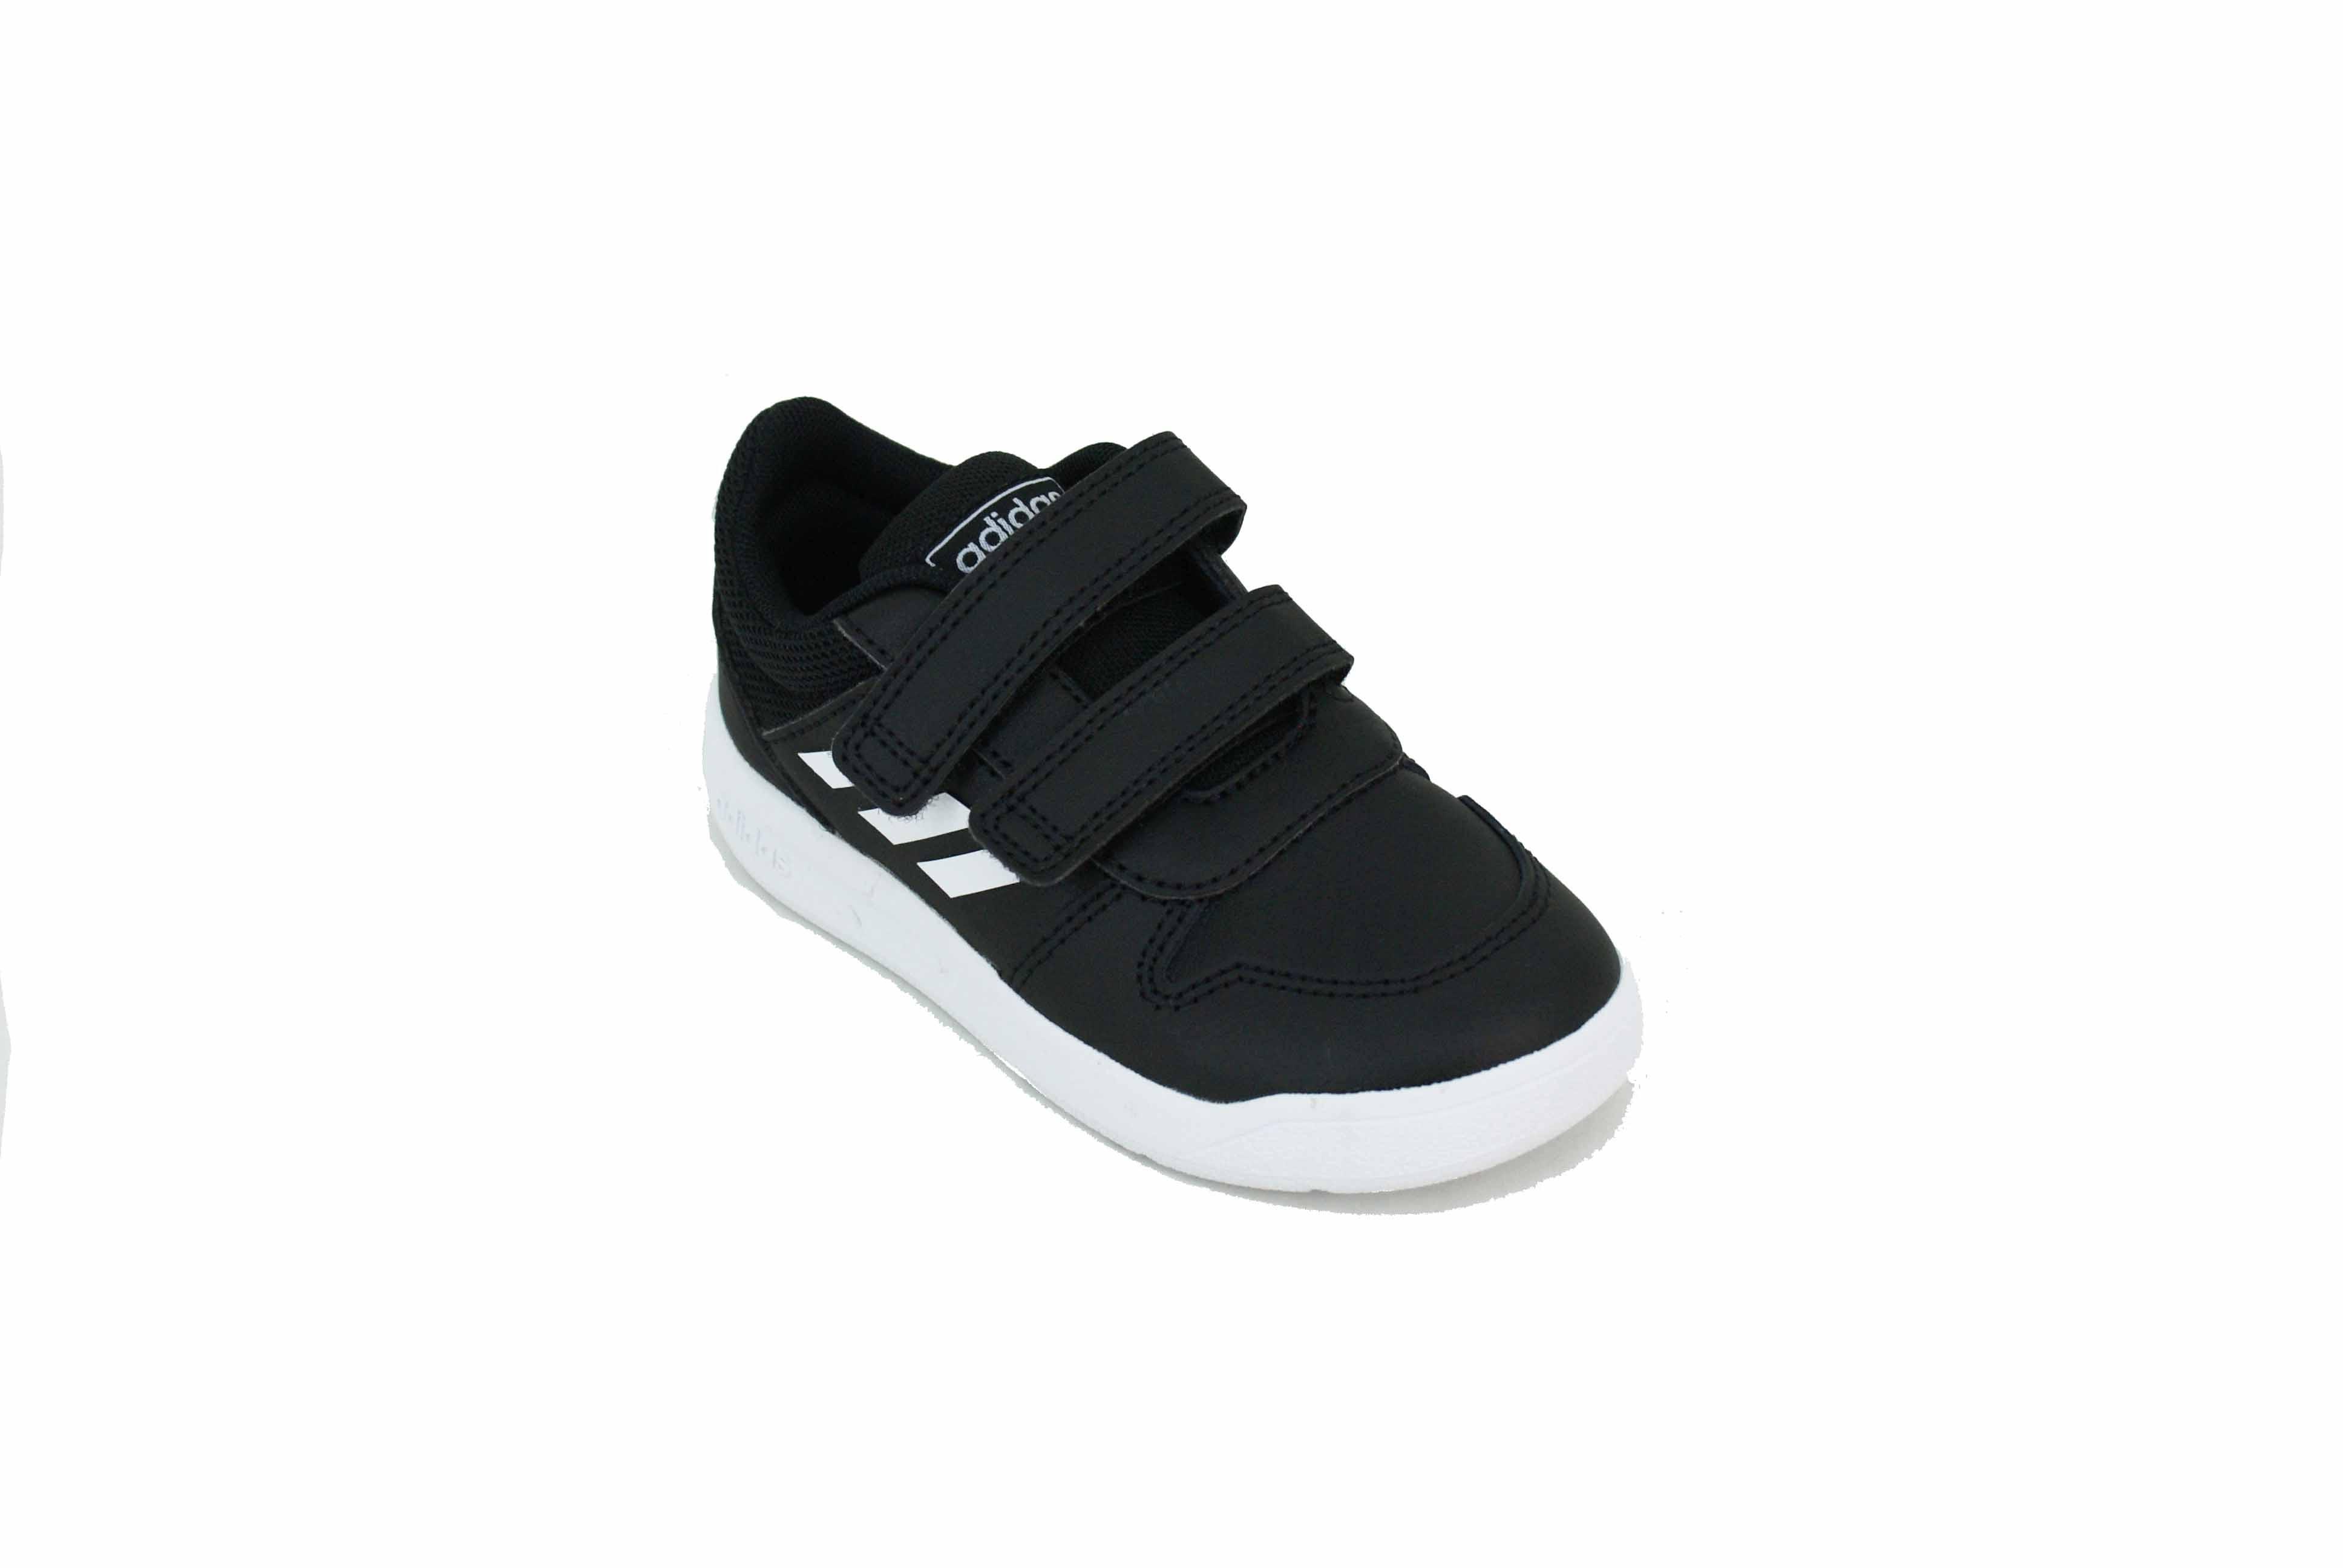 Zapatilla Adidas Tensaurus NegroBlanco Bebe Deporfan